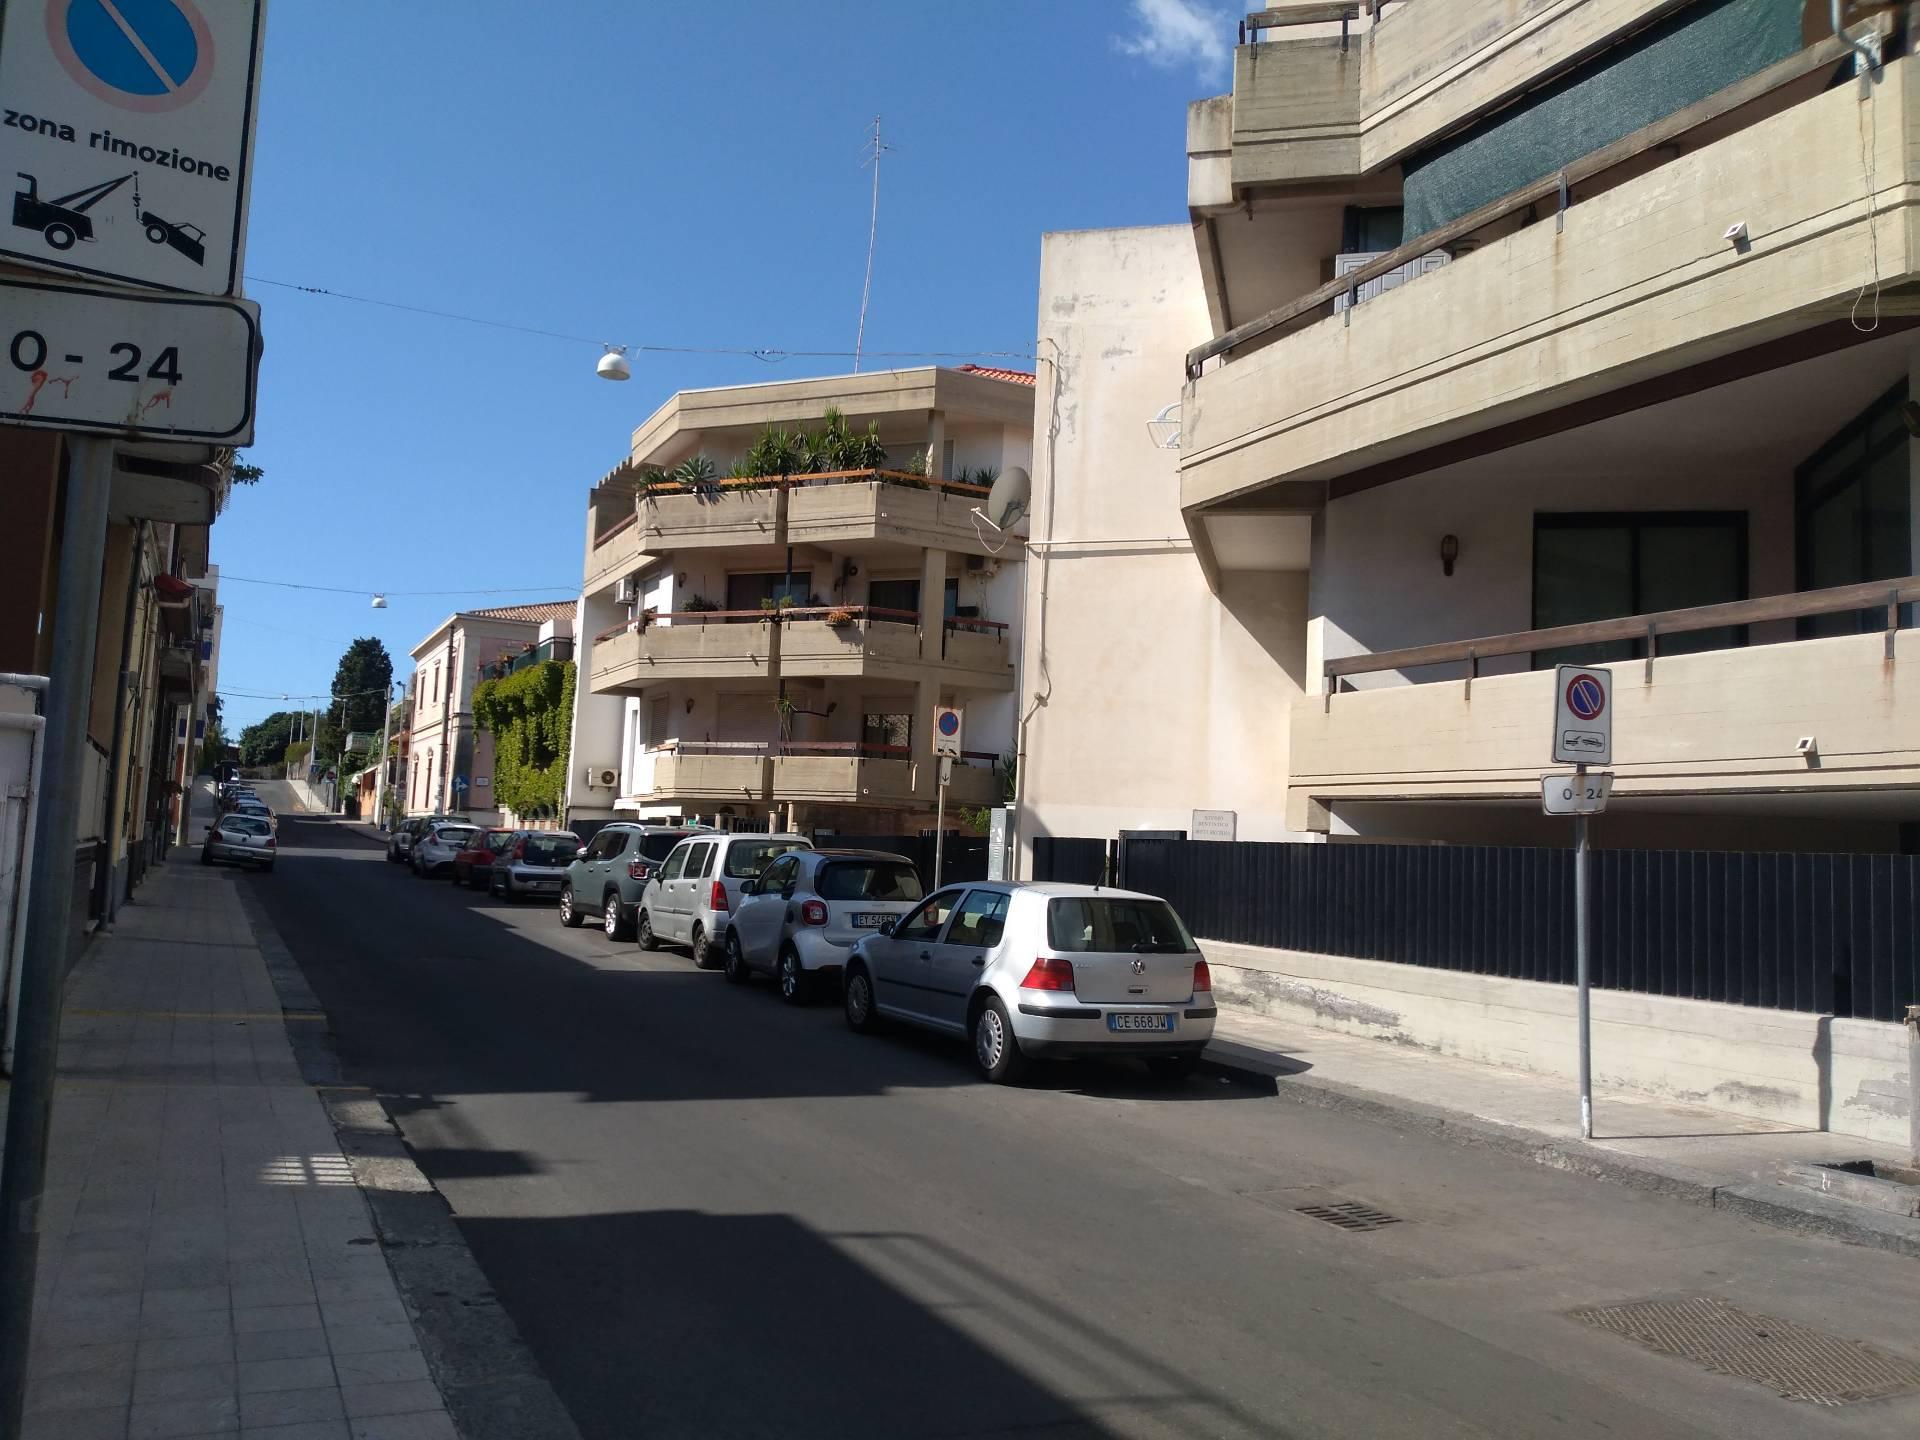 Appartamento in affitto a Aci Castello, 3 locali, zona Località: AciCastello, prezzo € 50 | CambioCasa.it